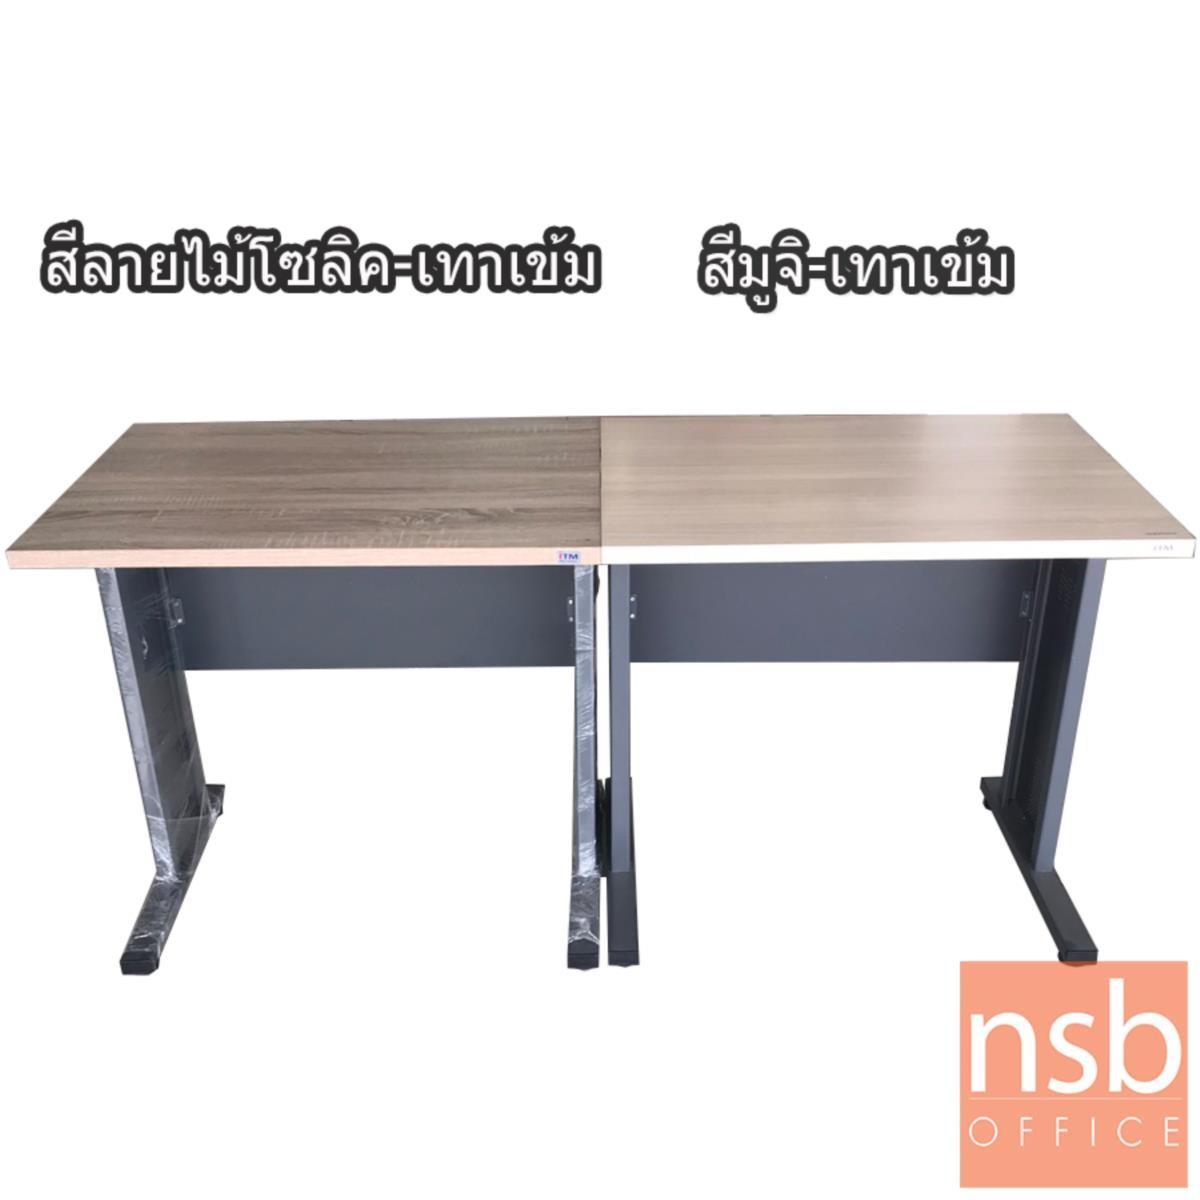 โต๊ะทำงาน  รุ่น Carrow (แคร์โรว์) ขนาด 80W cm. ขาเหล็ก สีโซลิคตัดเทาเข้มหรือสีมูจิตัดเทาเข้ม